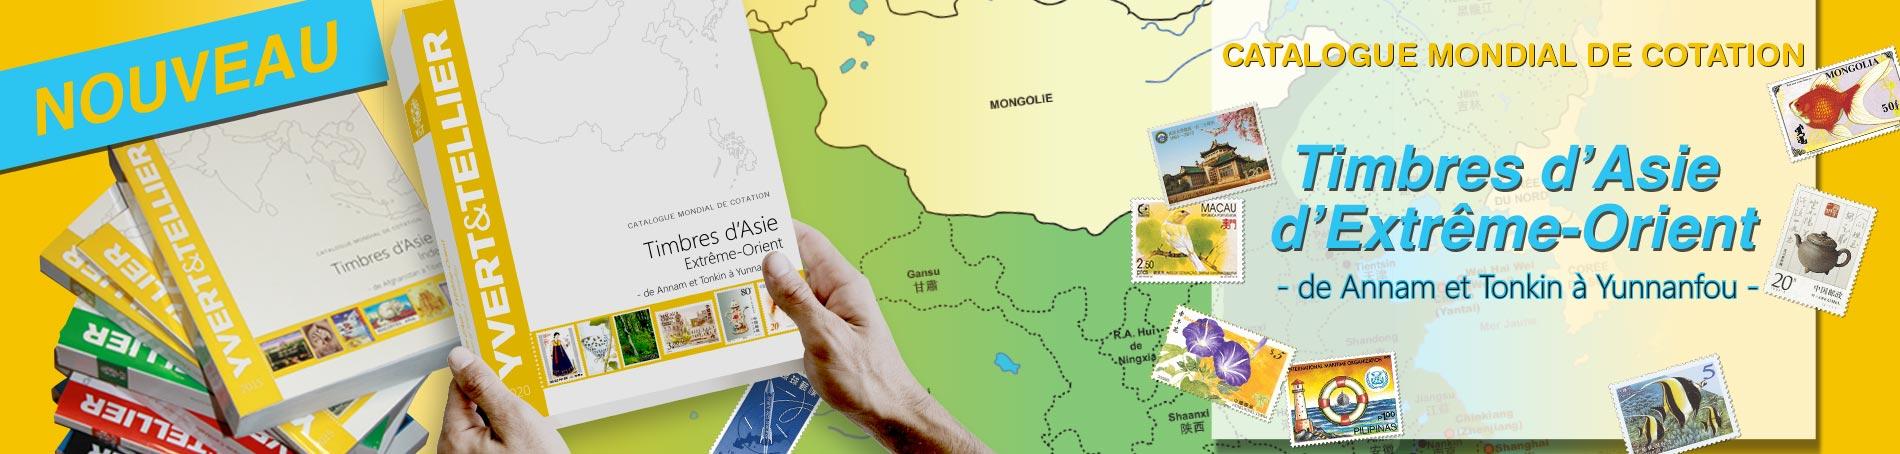 Catalogue Asie Extrême-Orient 2020